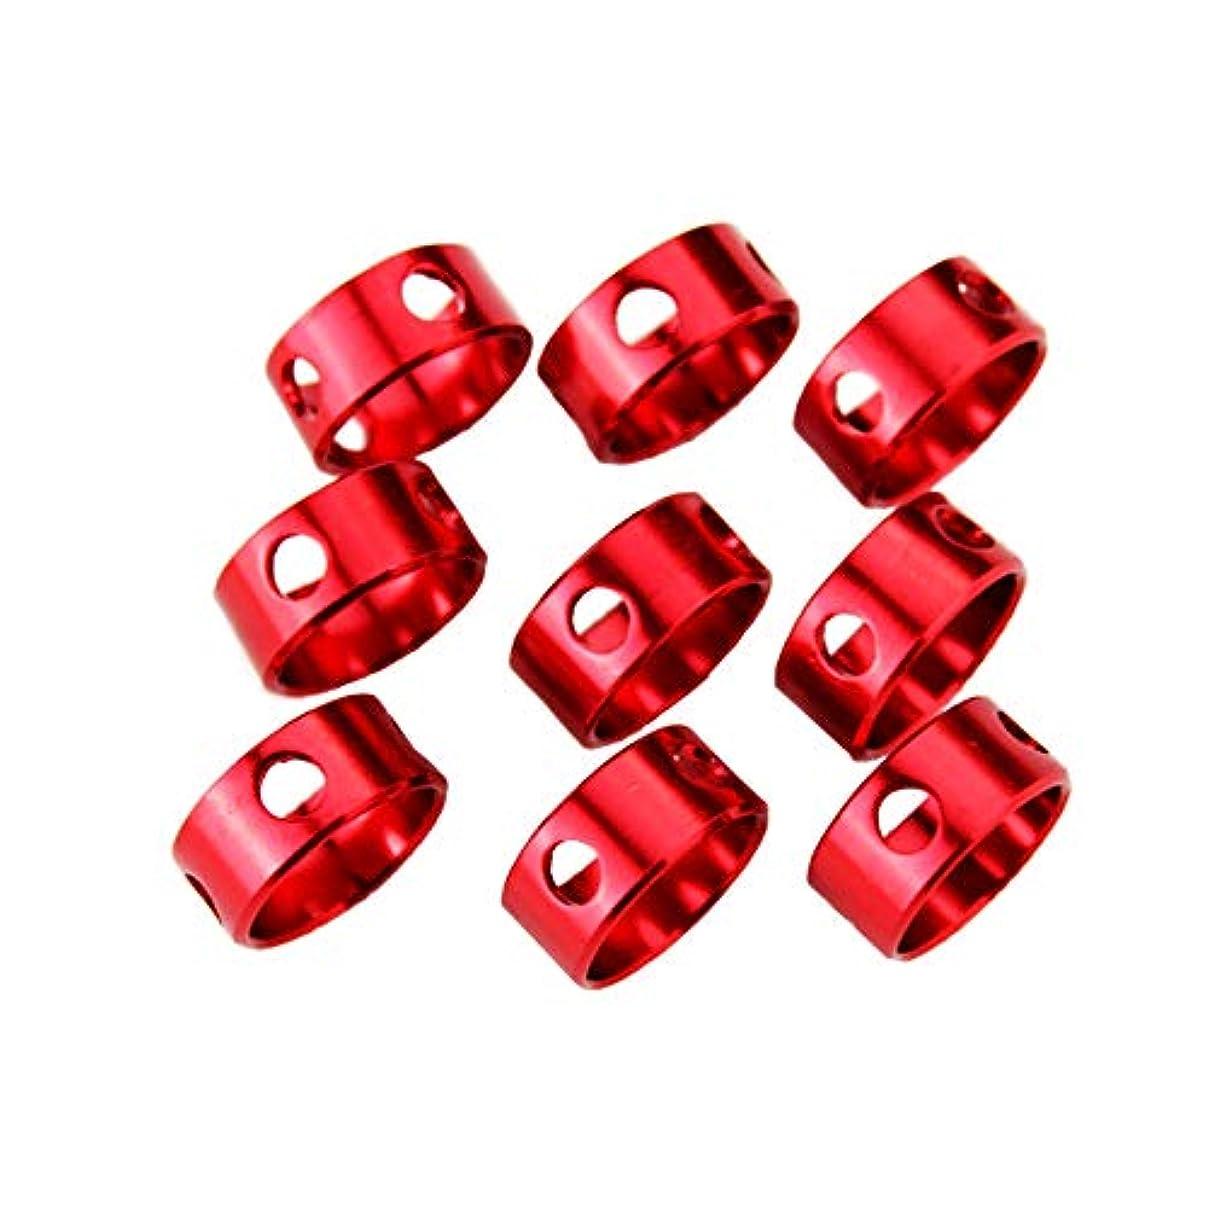 提案する安価な害コードスライダー 丸型 カムリング アルミ自在金具 テントロープ アルミ合金 3つ穴 リング状 アンチ スリップ ファスナー OSOGODE(オソグド)